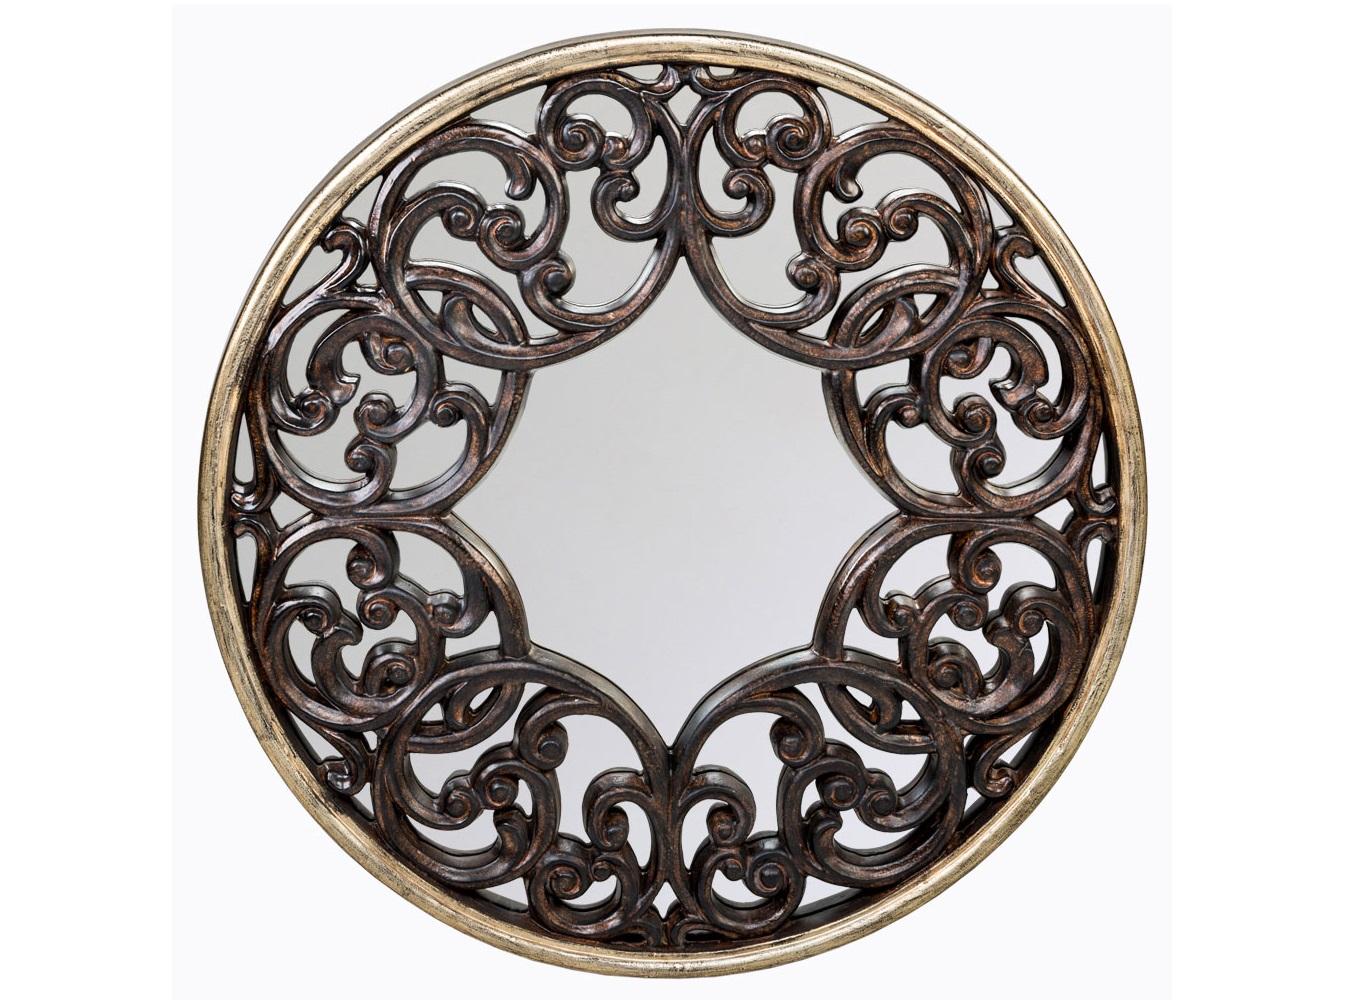 Настенное зеркало «Ардан»Настенные зеркала<br>Зеркало &amp;quot;Ардан&amp;quot; - образец фешенебельного кельтского стиля, признанного синонимом вкуса и респектабельности. Подобно мишени, это зеркало непременно становится центром интерьерного внимания.  Зеркало имеет толщину 4 мм, покрыто серебряной амальгамой. Рама изготовлена из полиуретана, - экологически безвредного, прочного и долговечного материала. Полиуретан достоверно имитирует любые материалы. На первый взгляд оправа зеркала &amp;quot;Ардан&amp;quot; не отличается от металлической.&amp;lt;div&amp;gt;&amp;lt;br&amp;gt;&amp;lt;/div&amp;gt;&amp;lt;div&amp;gt;Материал: рама - полиуретан, зеркало с серебряной амальгамой, толщина зеркального стекла - 4 мм&amp;lt;br&amp;gt;&amp;lt;/div&amp;gt;<br><br>Material: Полиуретан